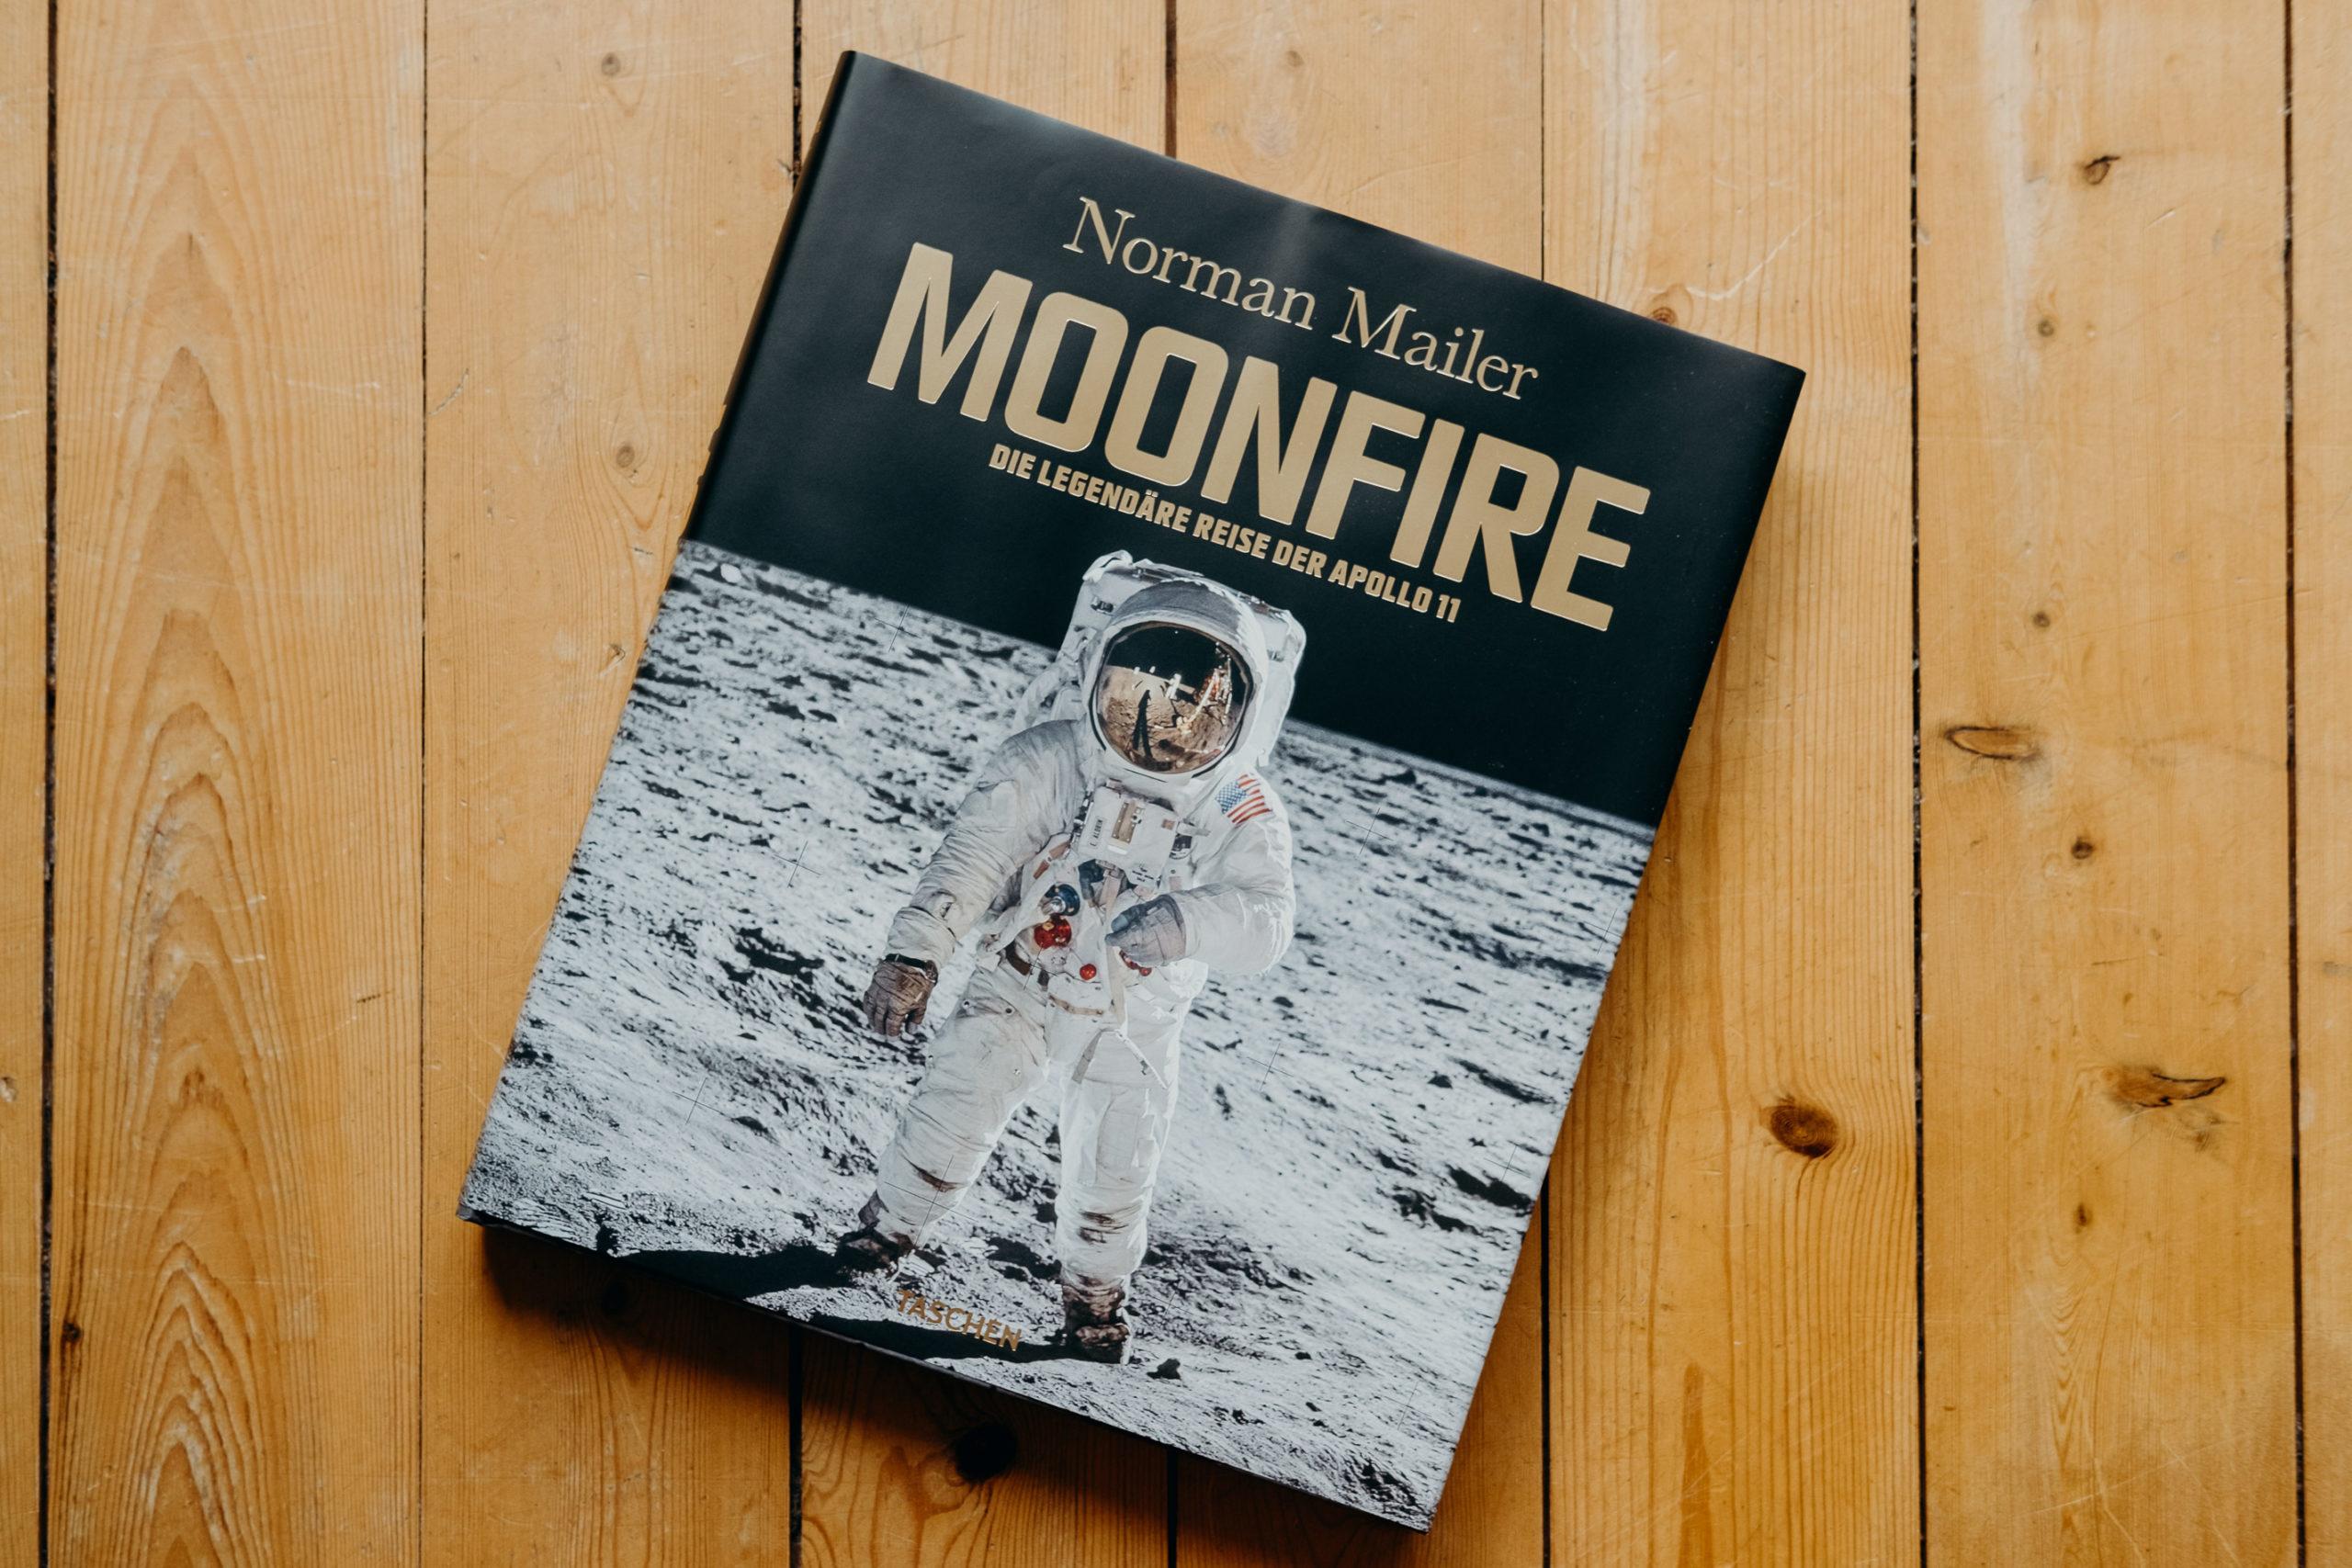 """Rezension: """"Moonfire"""" von Norman Mailer und der NASA"""